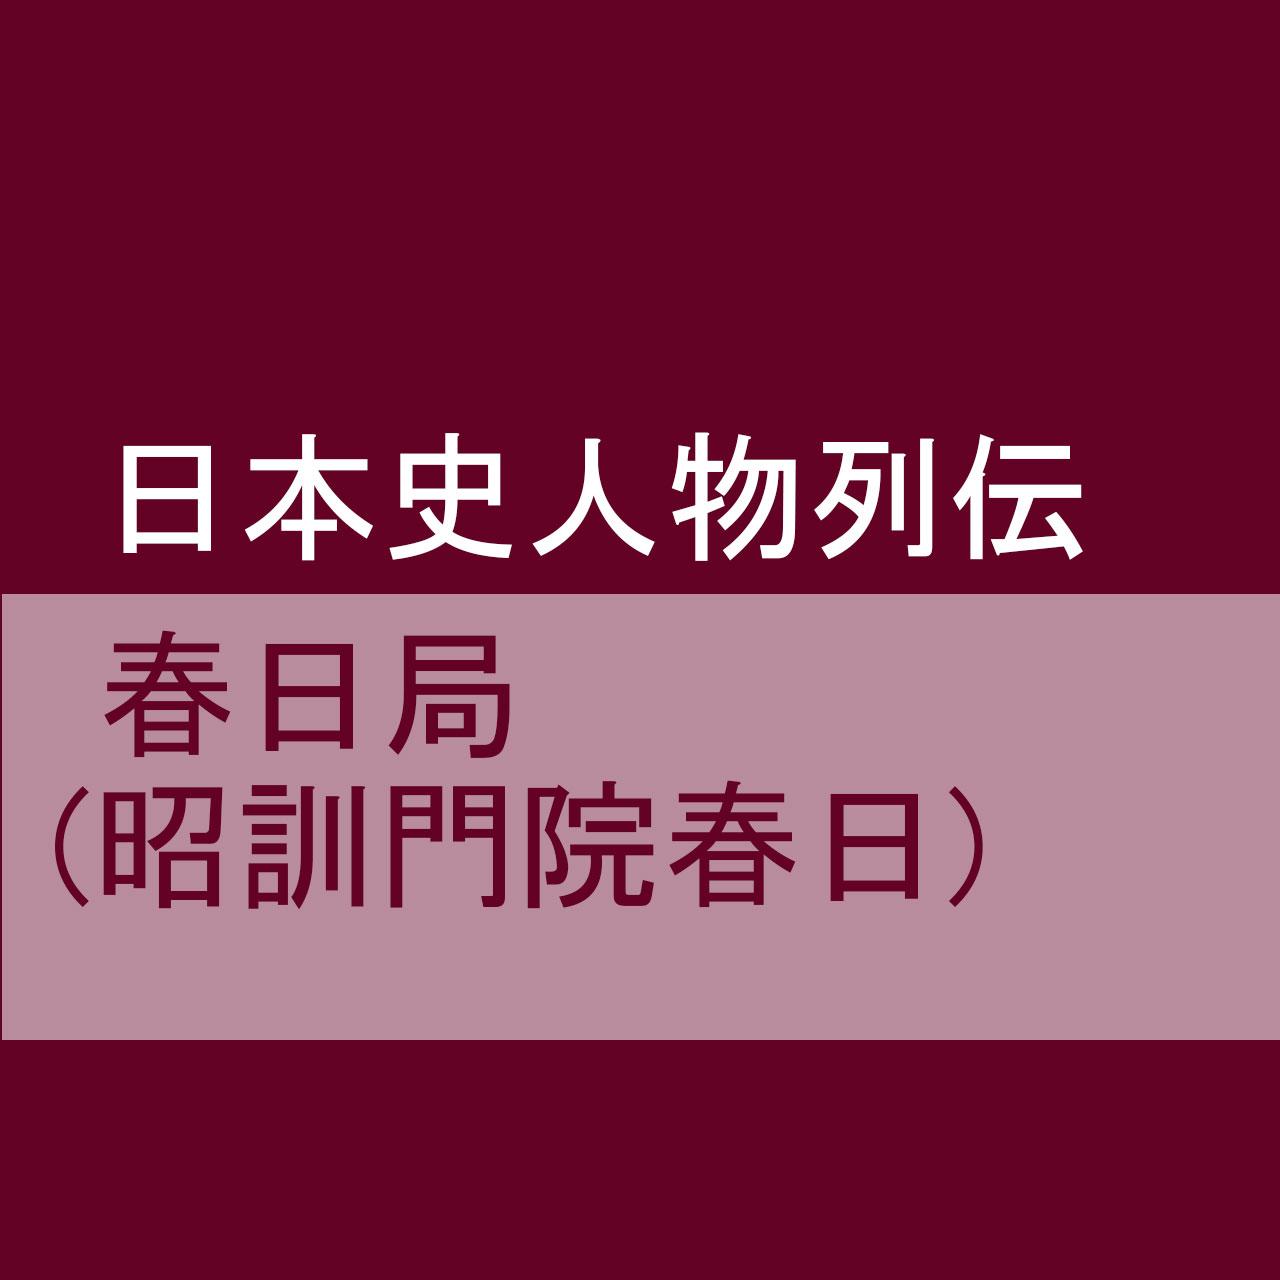 春日局(昭訓門院春日)